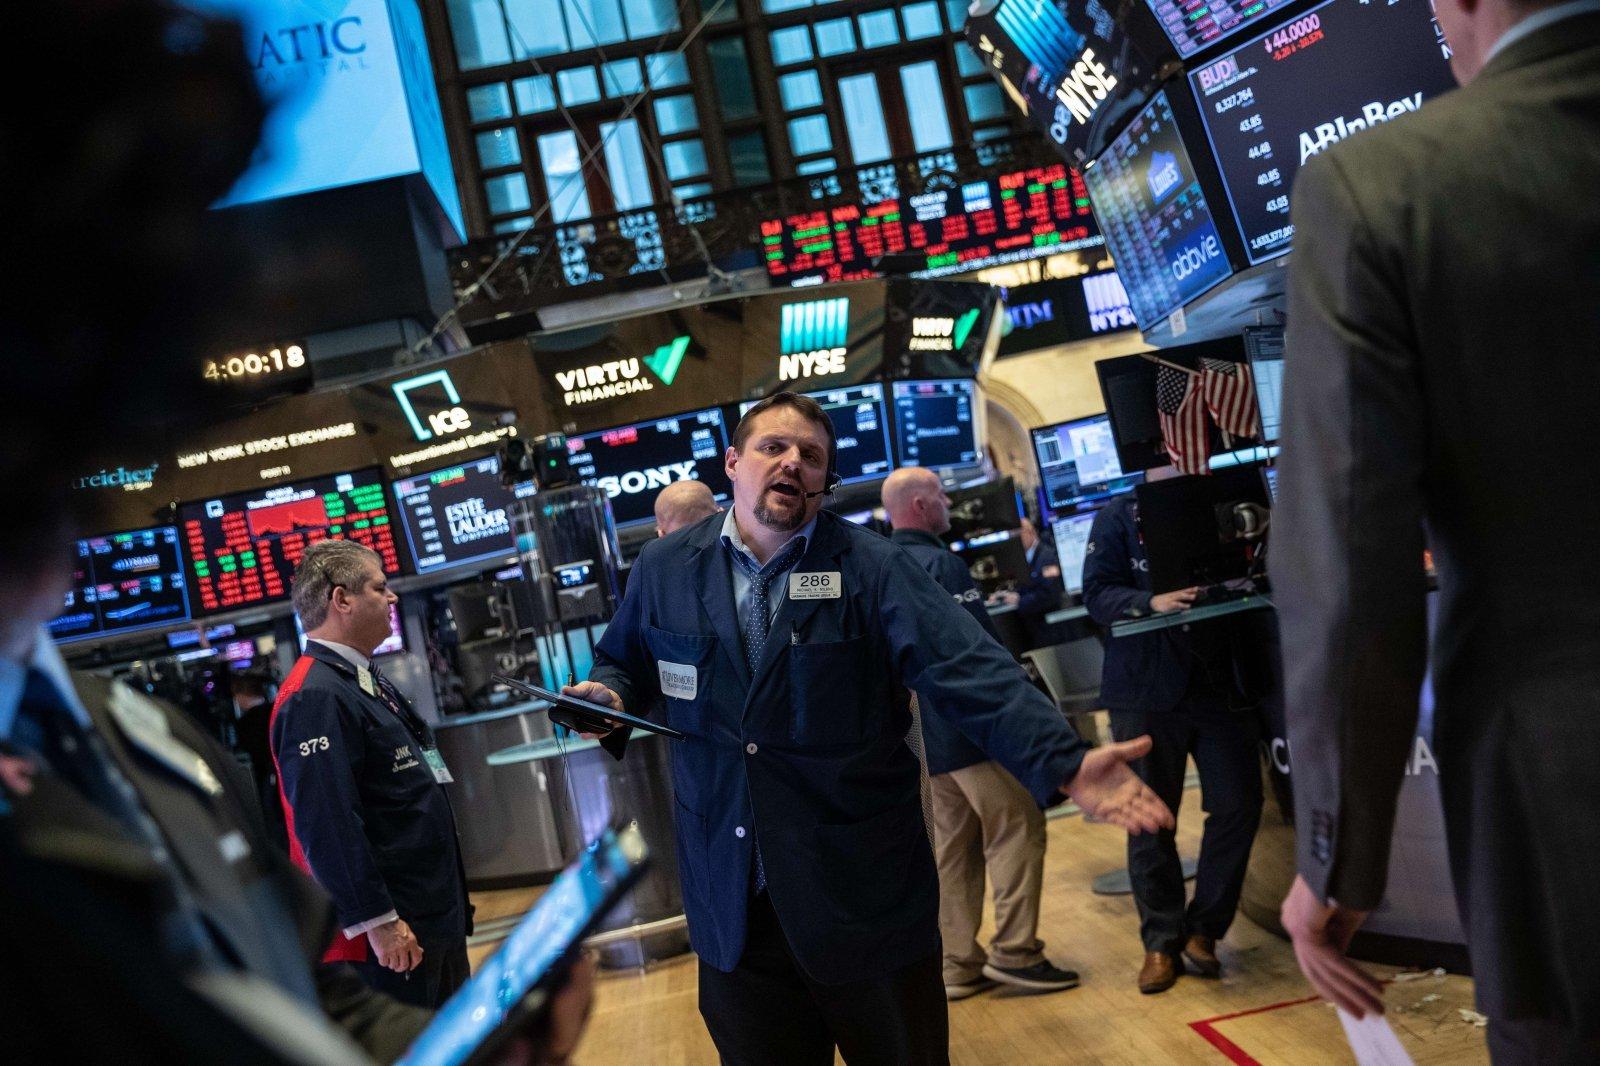 bitcoin pataikė į akcijų rinką